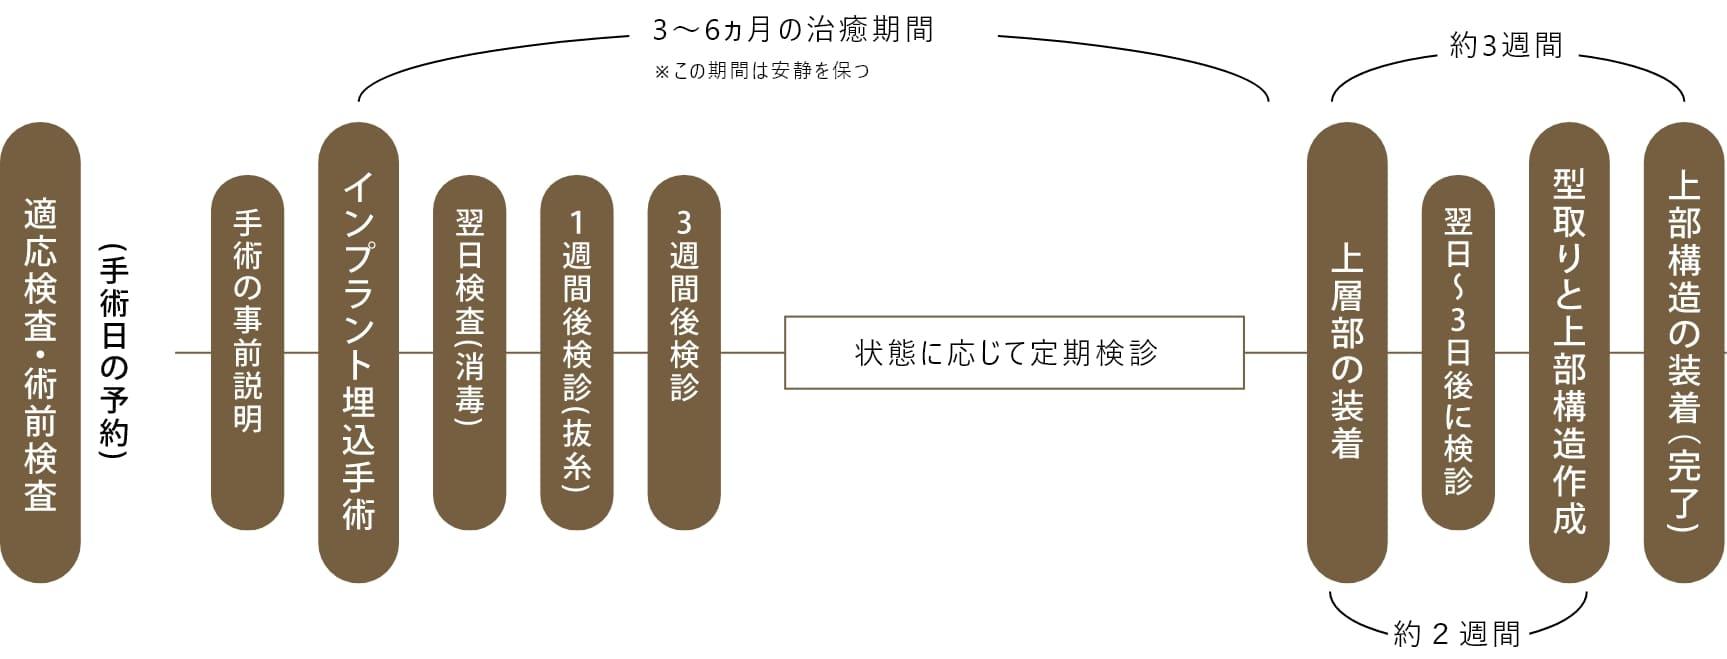 インプラント治療の治療プロセス